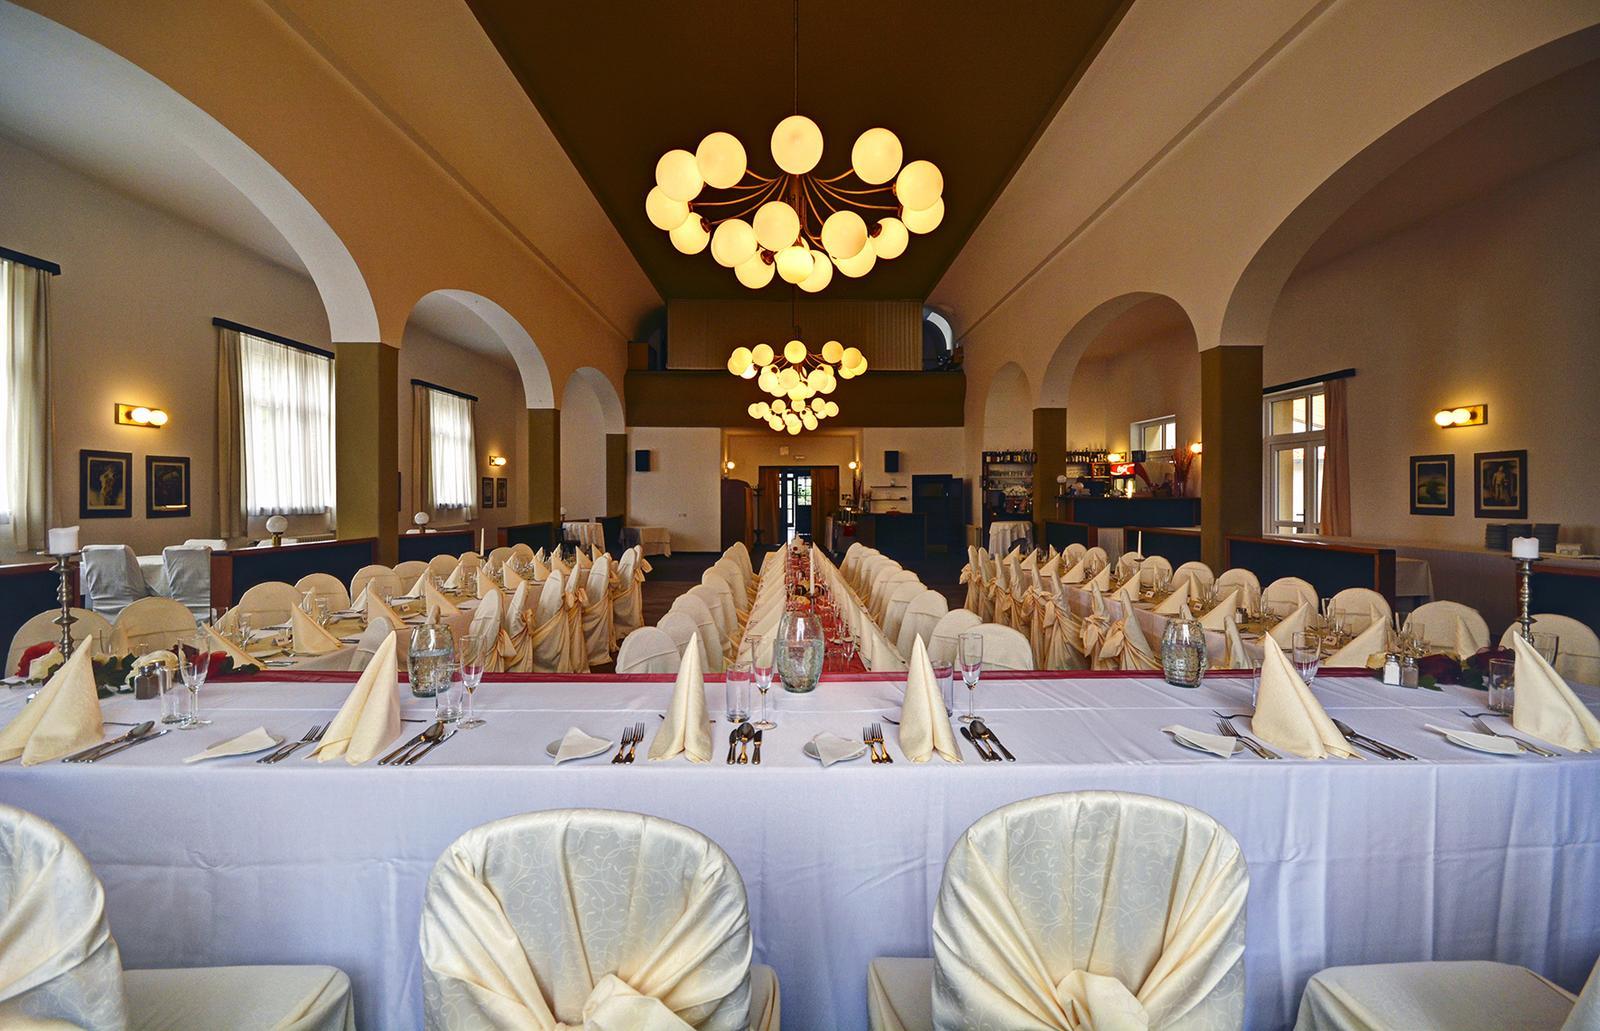 Svatby 2016 - svatební tabule